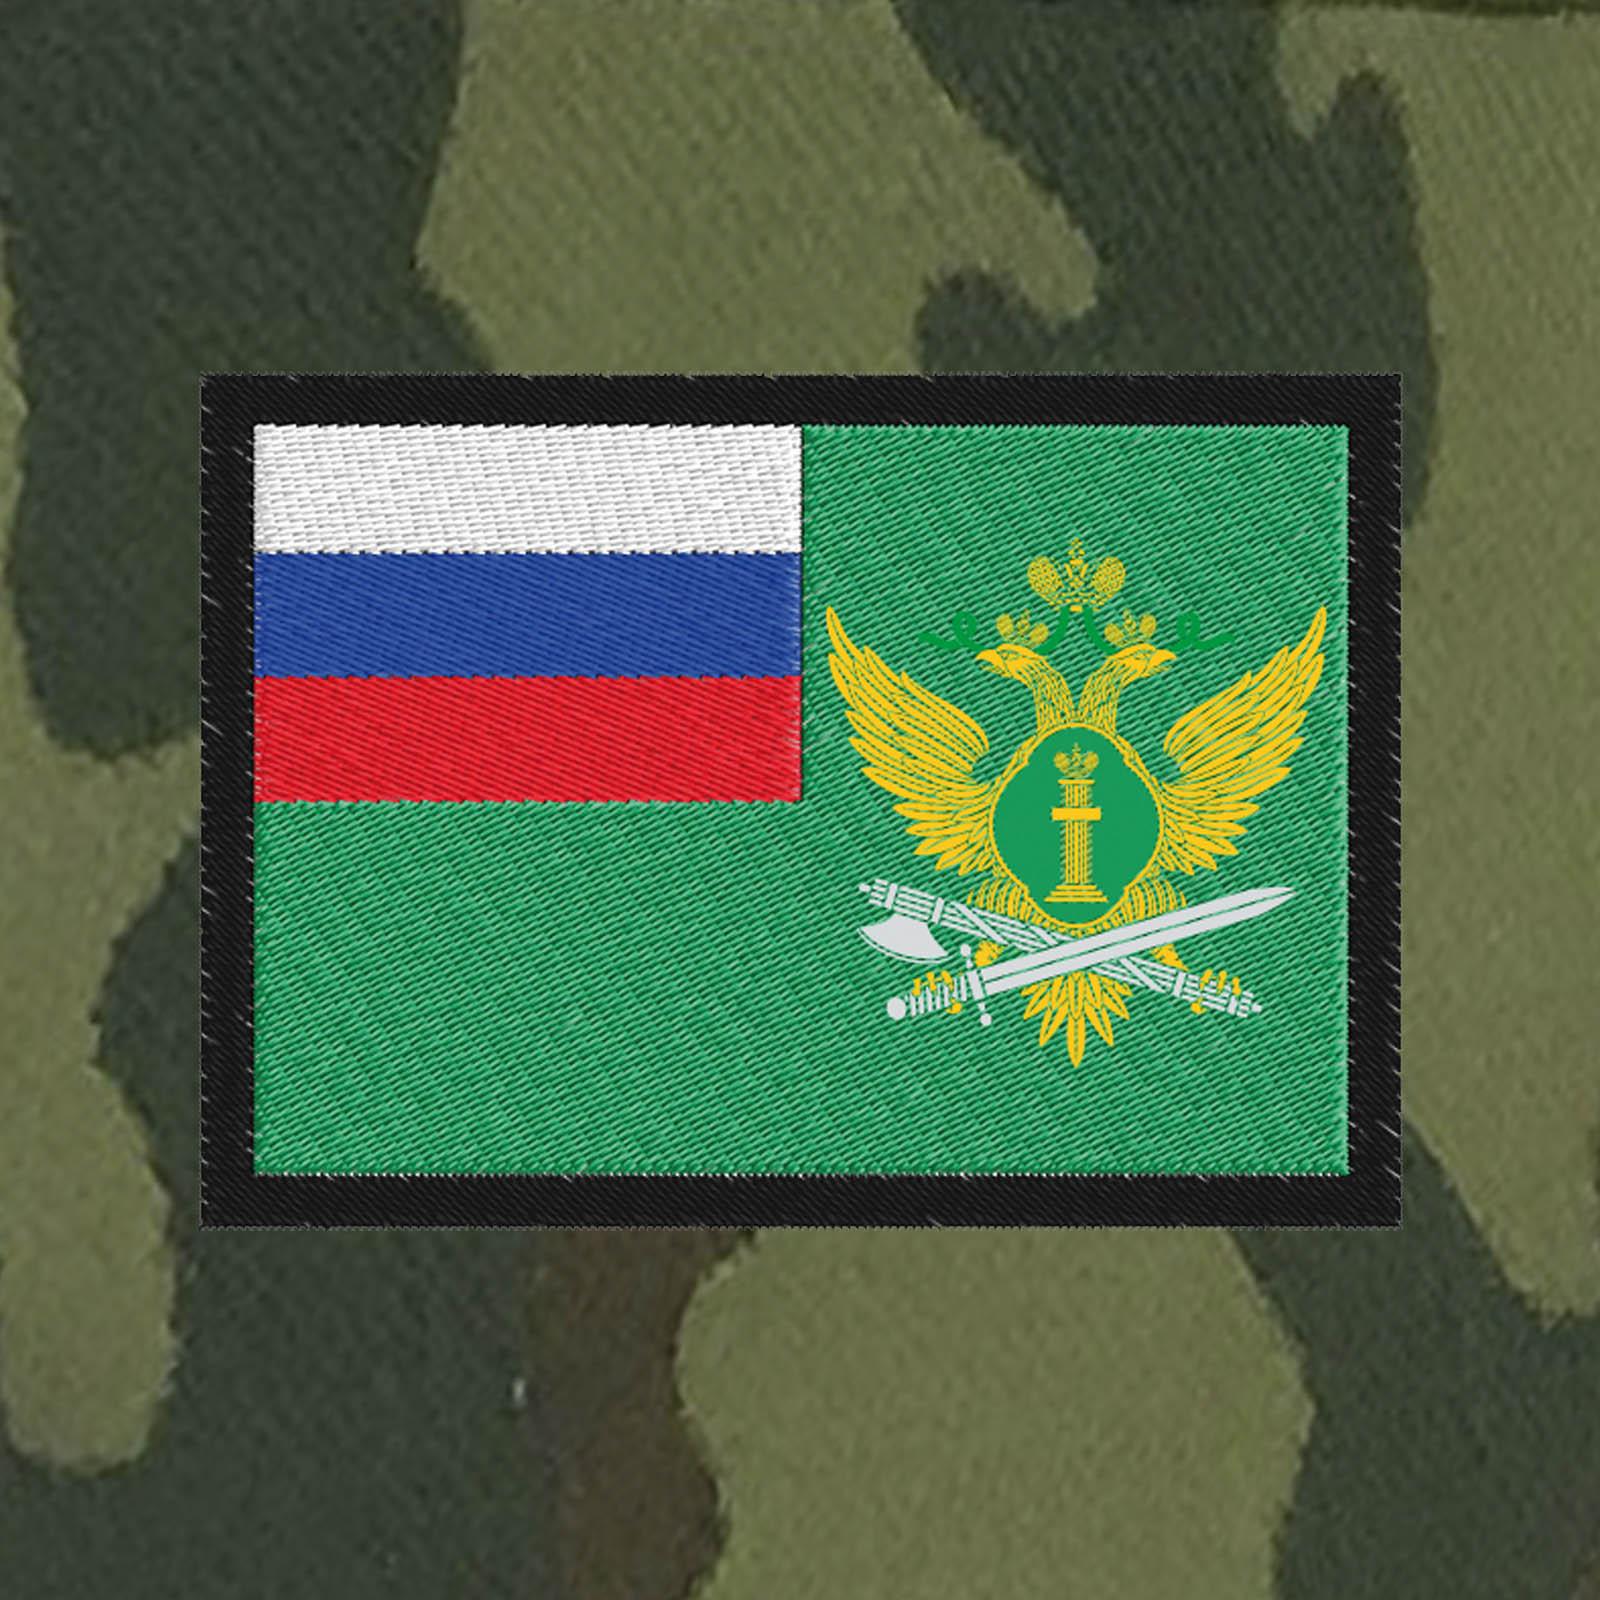 Кепка-камуфляж с вышитой символикой ФССП.